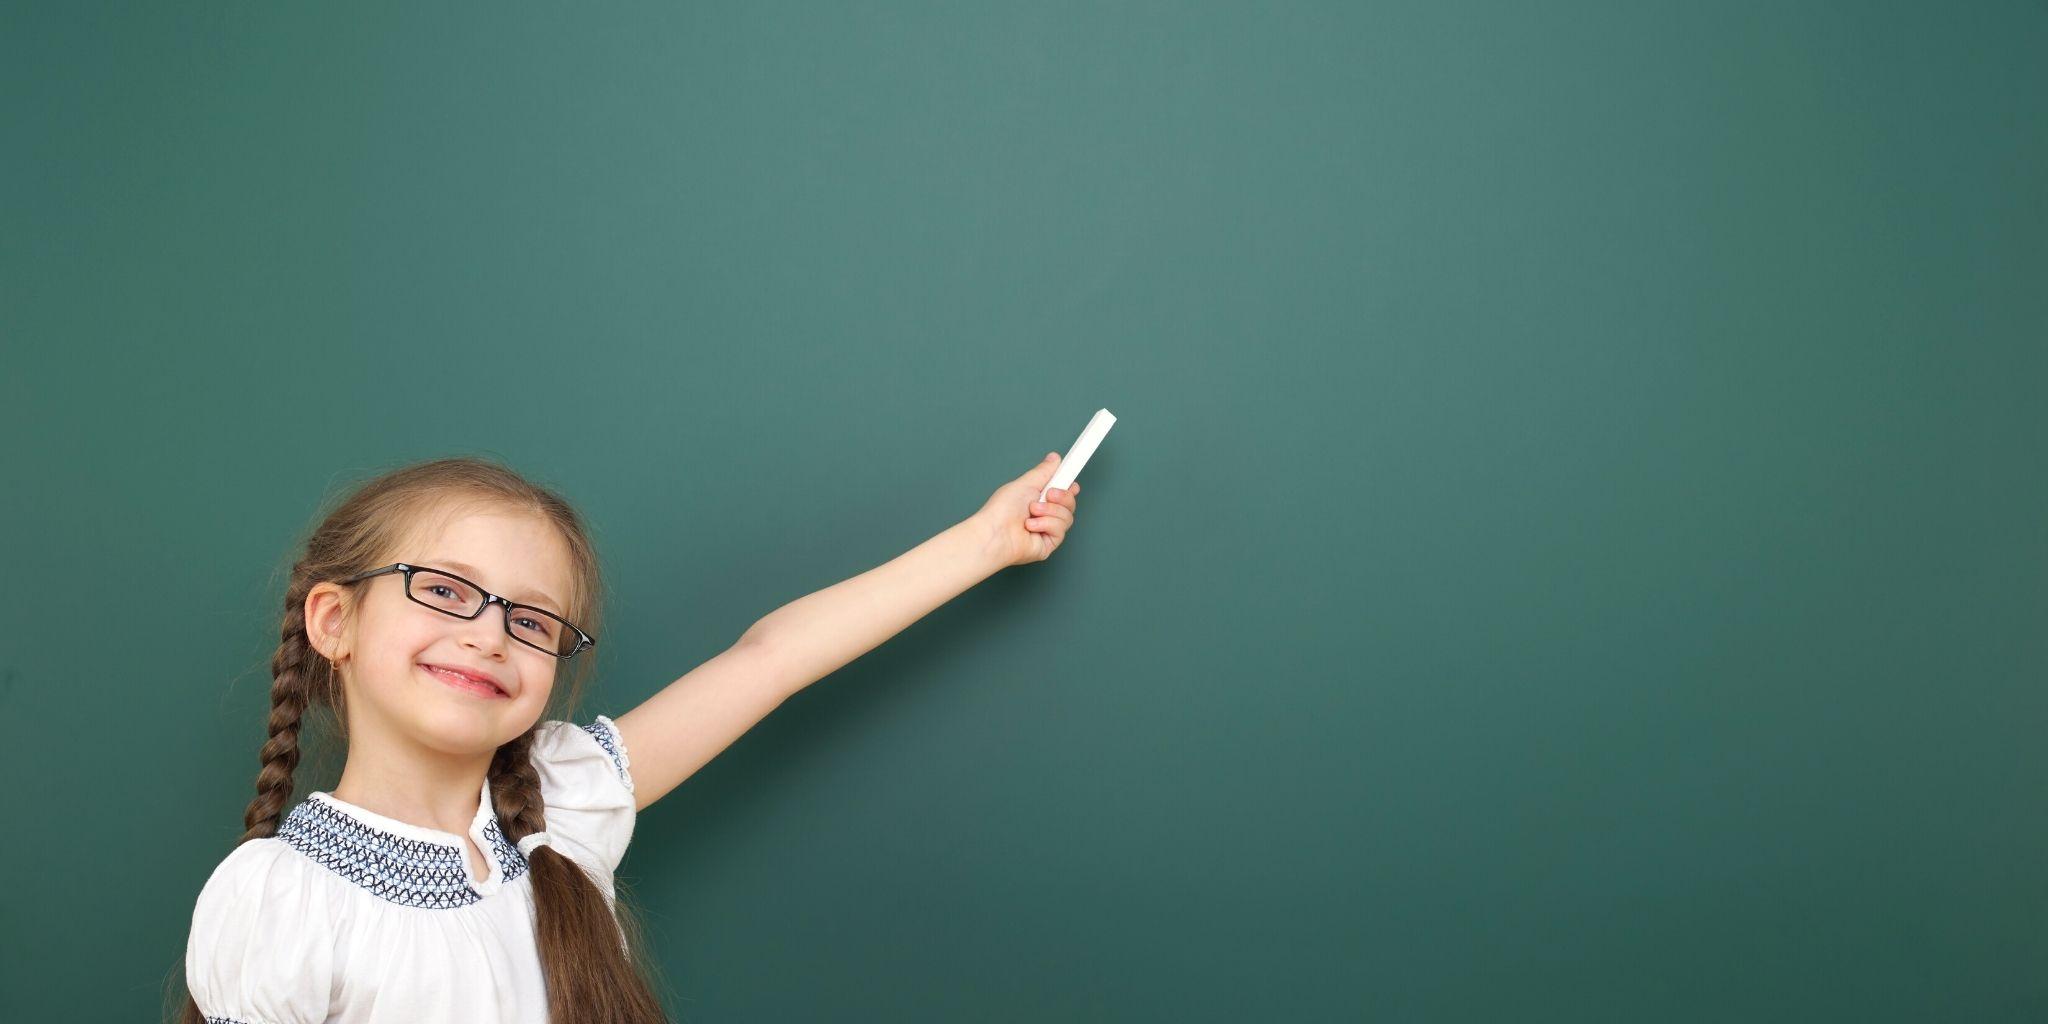 Come scrivere il miglior annuncio per lavorare come babysitter